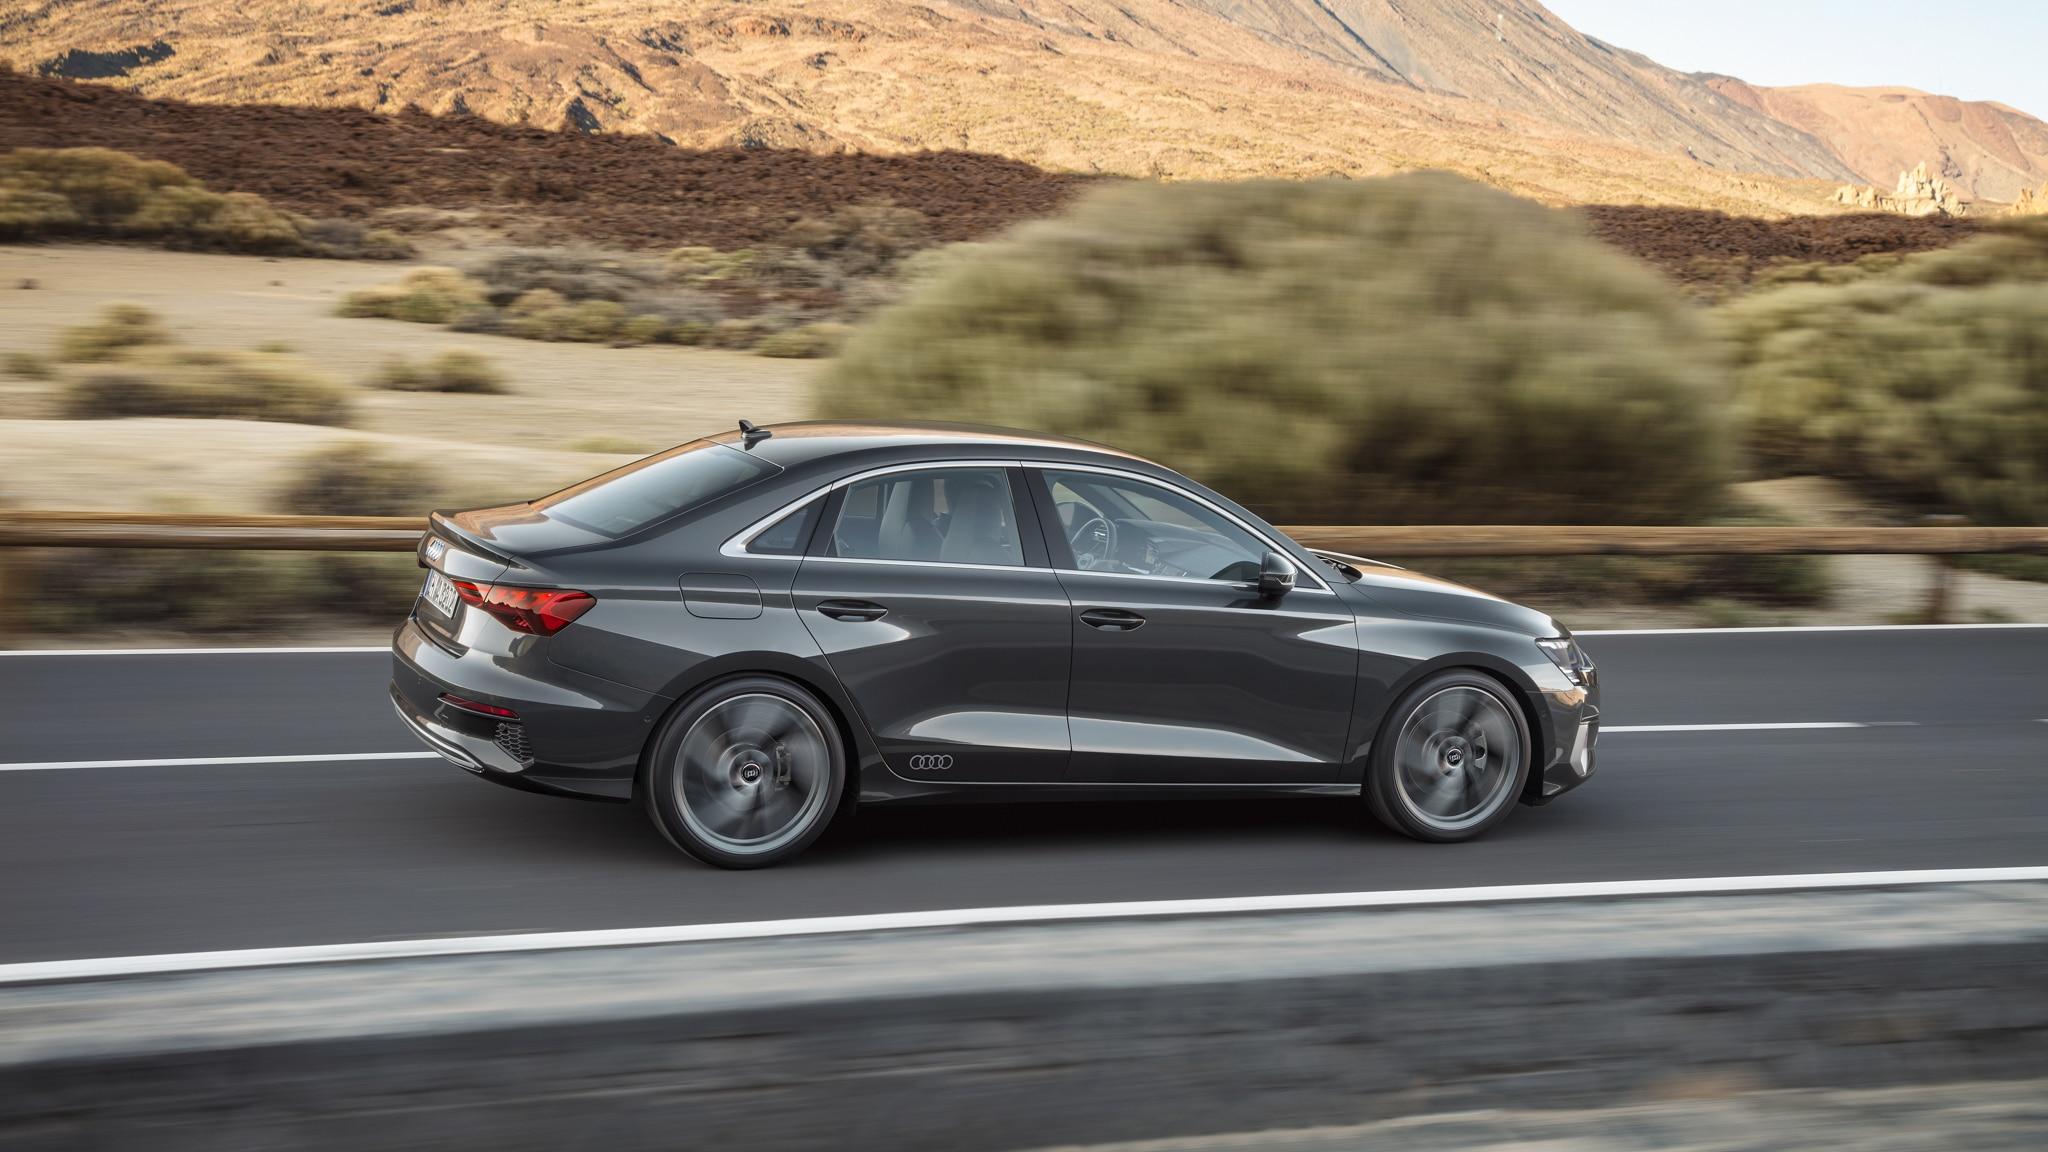 Kelebihan Kekurangan Audi S3 Sedan Review